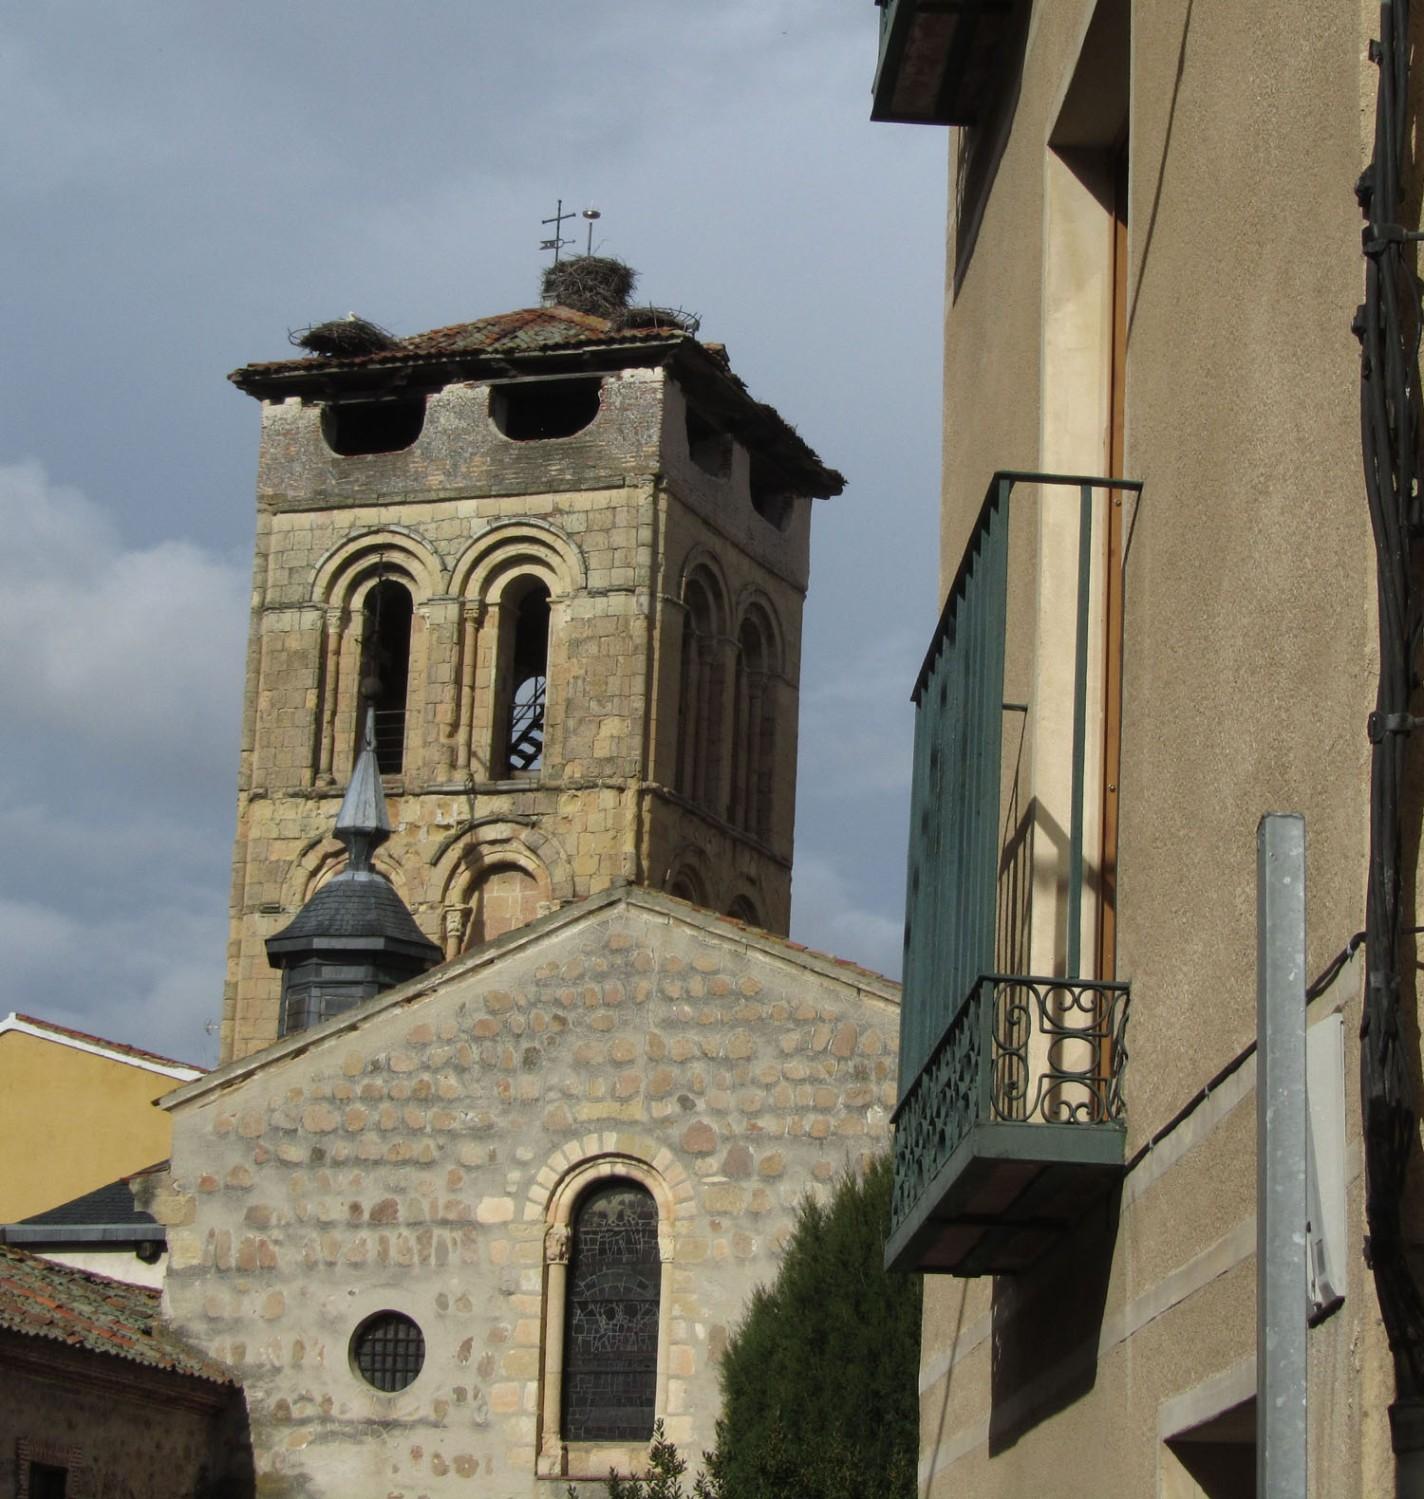 Spain-Segovia-Storks